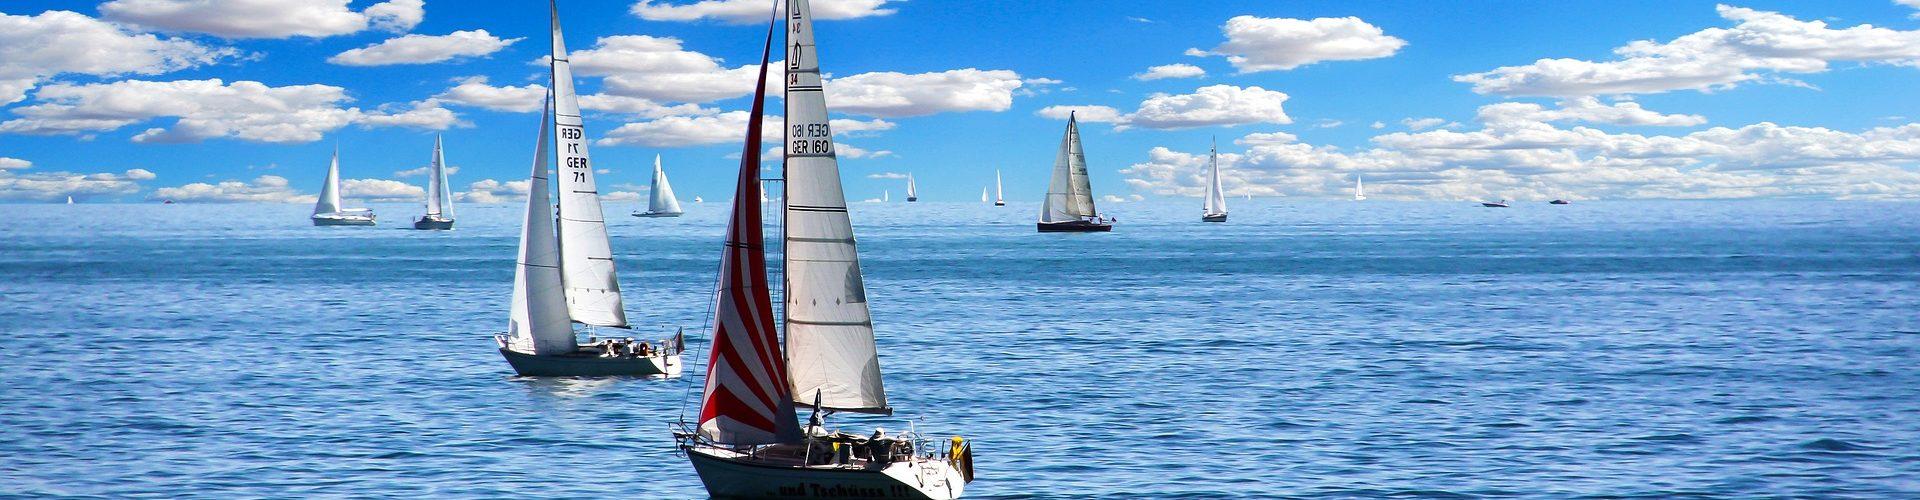 segeln lernen in Bad Honnef segelschein machen in Bad Honnef 1920x500 - Segeln lernen in Bad Honnef